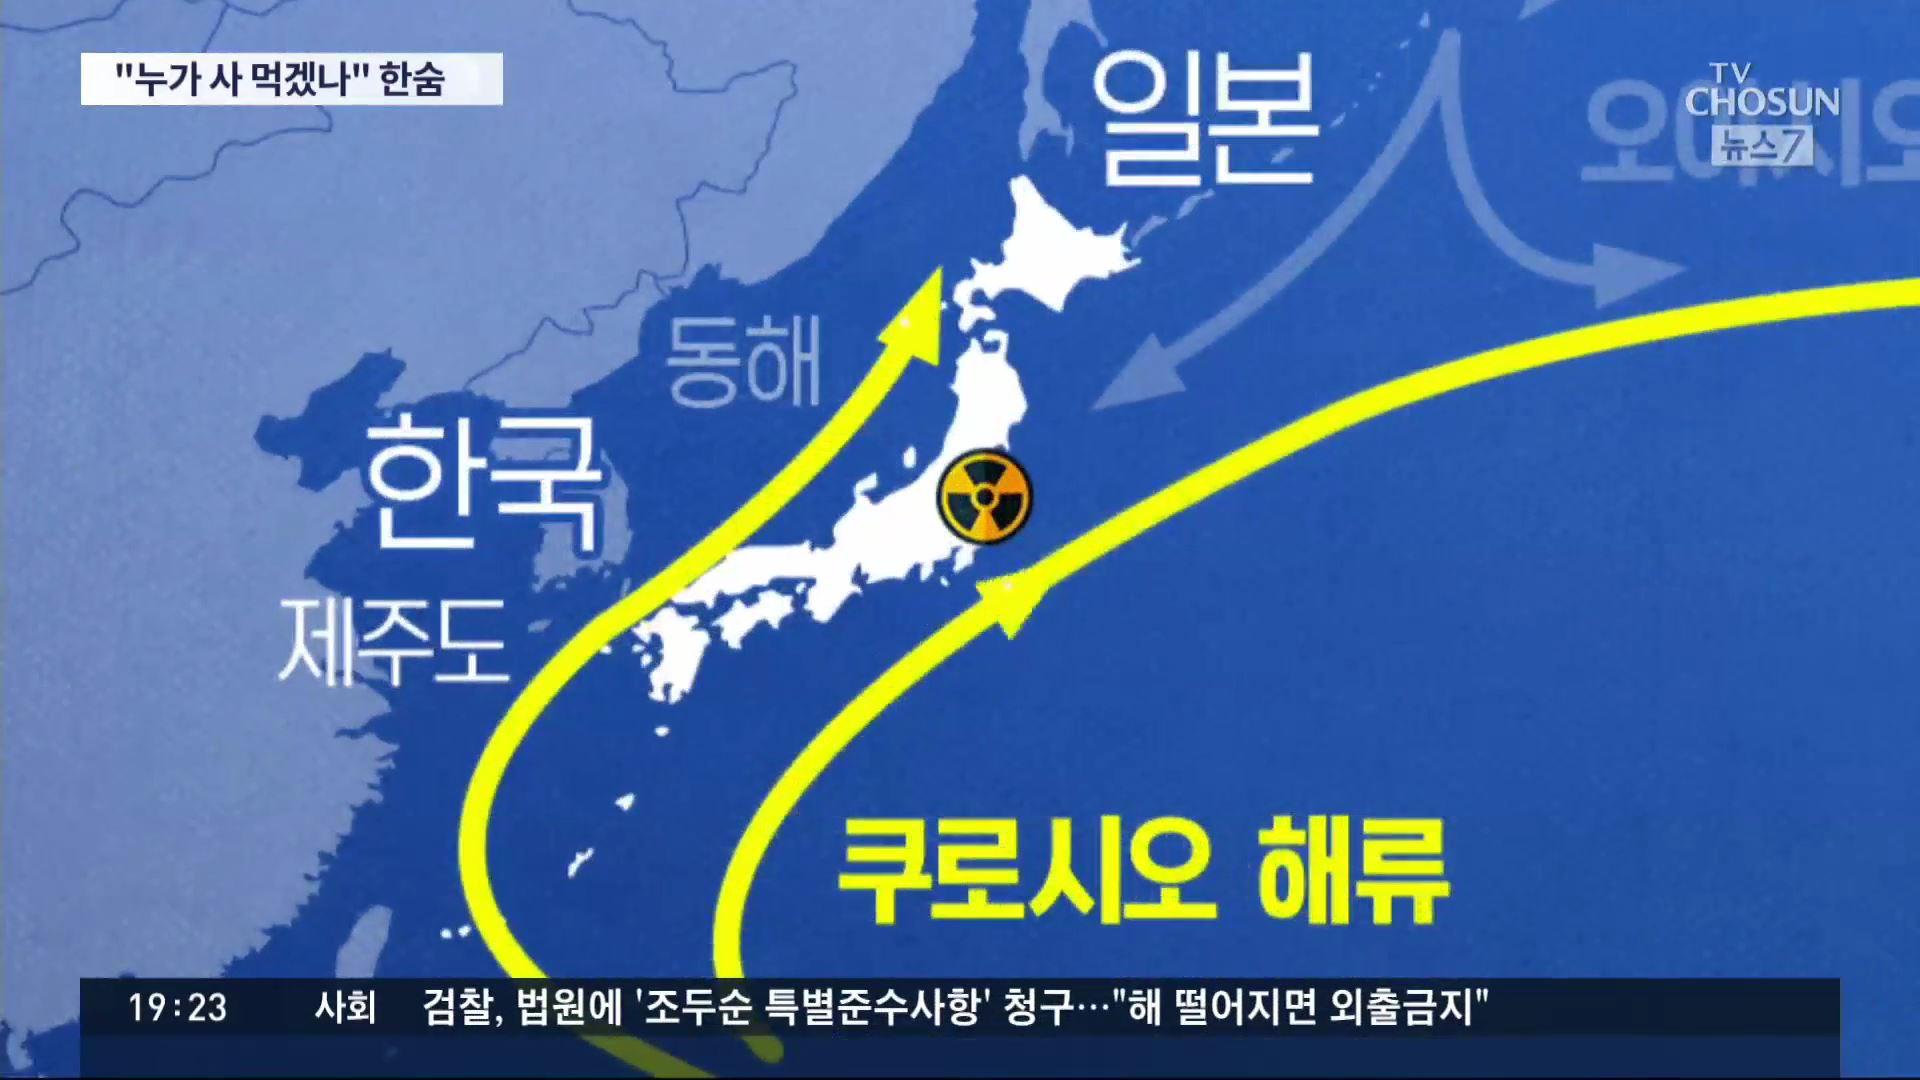 후쿠시마 오염수 방류 강행하나…어민들 '누가 사먹겠나' 한숨